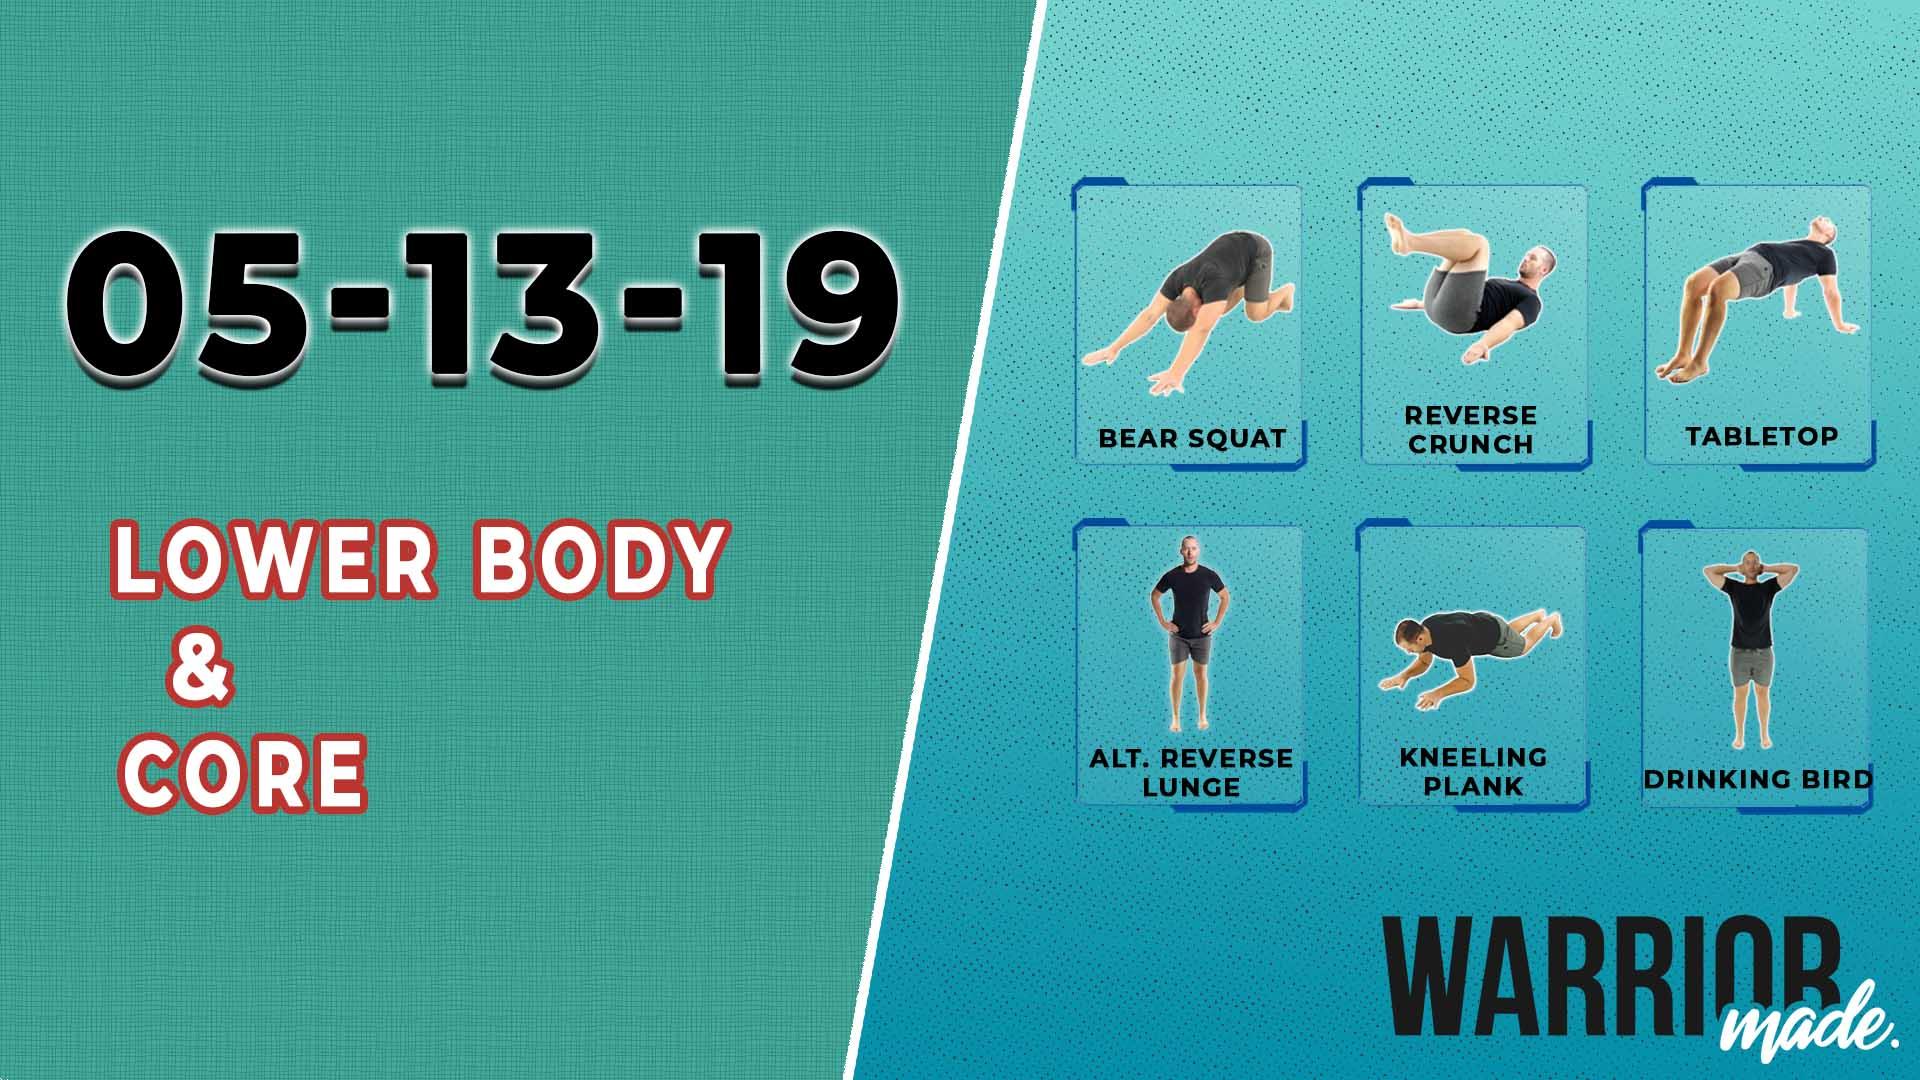 workouts-05-13-19